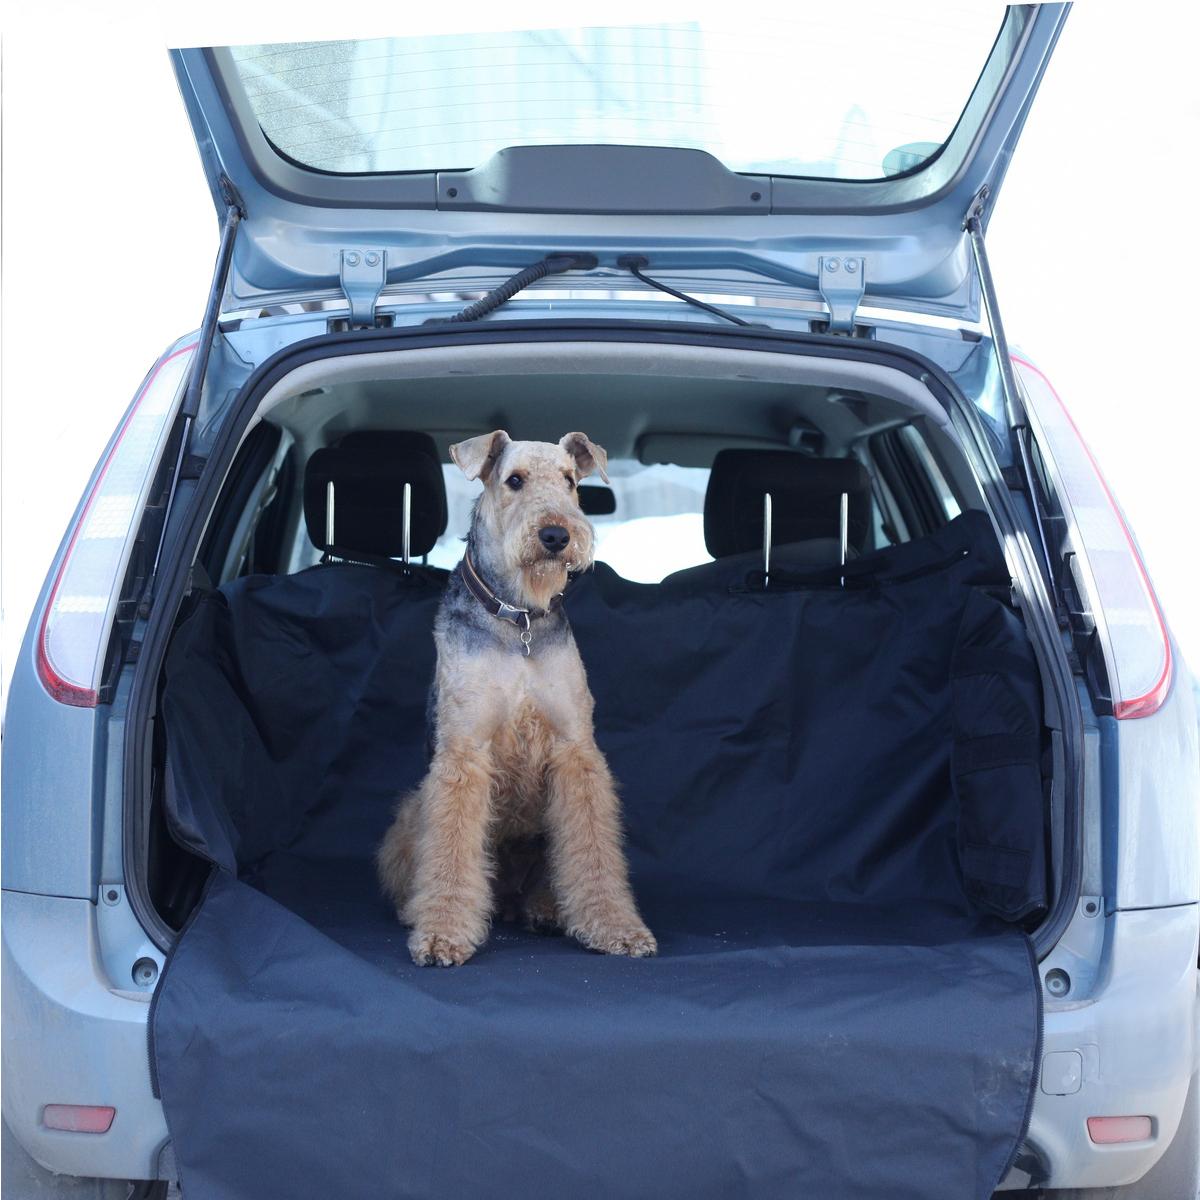 Автогамак для собак OSSO Fashion Car Premium, в багажник, 120 х 210 смГ-1007Автогамак OSSO Fashion Car Premium представляет собой функциональное приспособление для перевозки собак в салоне машины. Этот автогамак идеально подойдет для транспортировки питомца в багажнике, защитит задний бампер от царапин и багажное отделение от грязи. Незаменим при транспортировке животного после прогулок на природе, поездки в ветклинику, на выставку, охоту, рыбалку и дачу, не опасаясь испачкать или поцарапать сидения и обивку дверей. Изготовлен из прочной, дублированной, водостойкой и морозоустойчивой ткани на подкладке. Конструкция гамака предохраняет питомца от соскальзывания и передвижения по салону во время движения и резкого торможения. Чистка такого гамака не составляет никакого труда: просто стряхните засохшую грязь и песок щеткой, а затем протрите поверхность влажной губкой или тряпкой. Размеры автогамака: ширина дна - 120 см, общая длина - 210 см, высота бортов со стороны спинок сидений - 55 см, высота бортов со стороны двери багажника - 40 см.